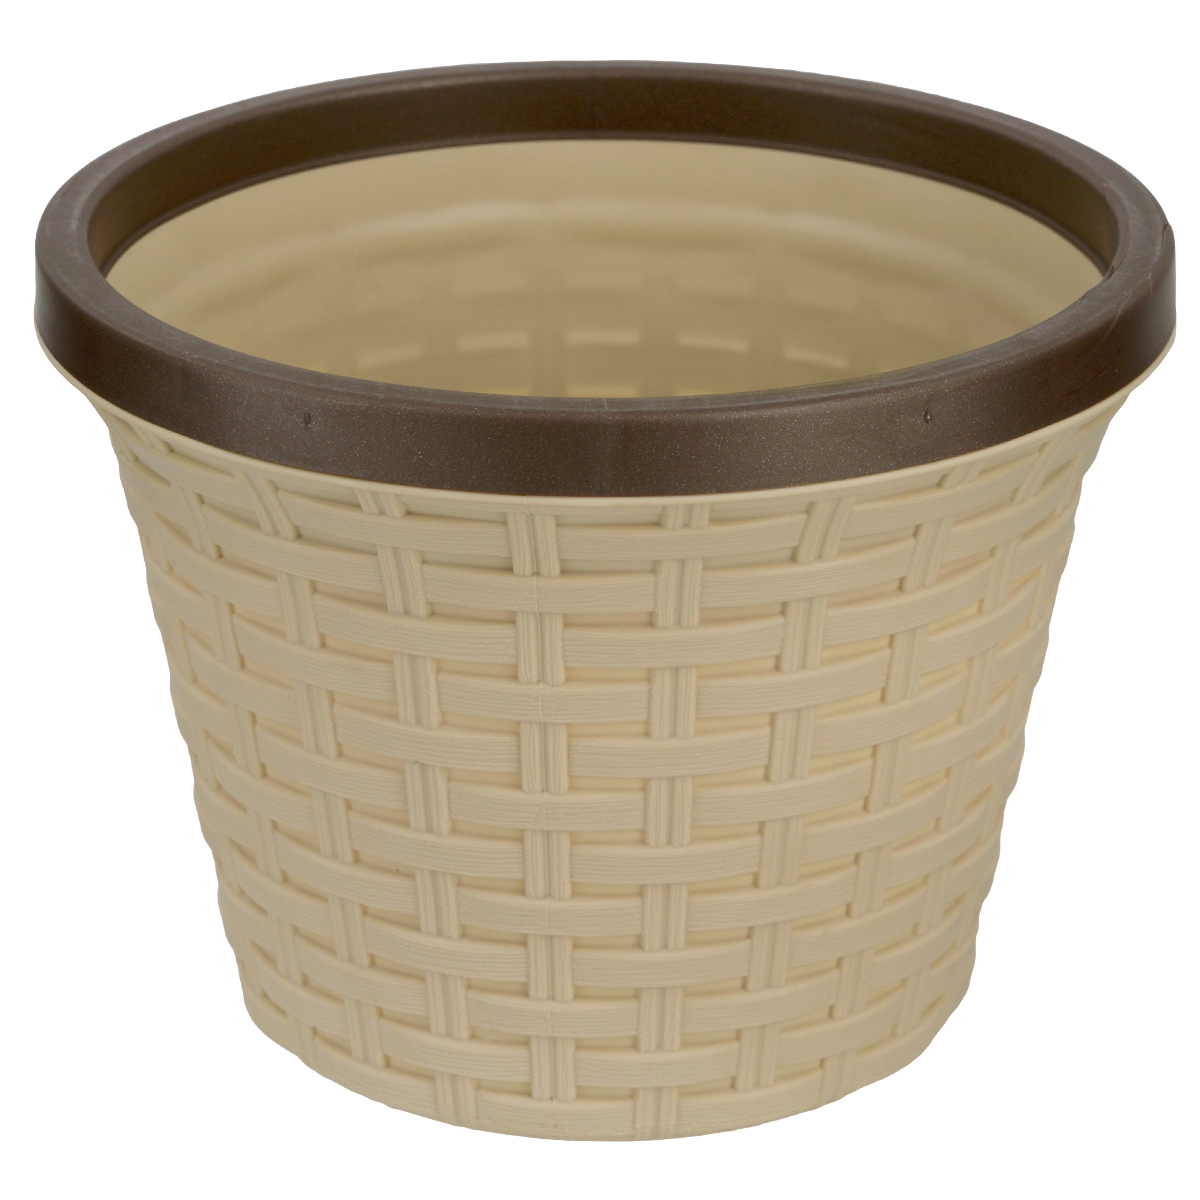 Кашпо Violet Ротанг, с дренажной системой, цвет: бежевый, 8,8 л32880/2Кашпо Violet Ротанг изготовлено из высококачественного пластика и оснащено дренажной системой для быстрого отведения избытка воды при поливе. Изделие прекрасно подходит для выращивания растений и цветов в домашних условиях. Лаконичный дизайн впишется в интерьер любого помещения.Объем: 8,8 л.